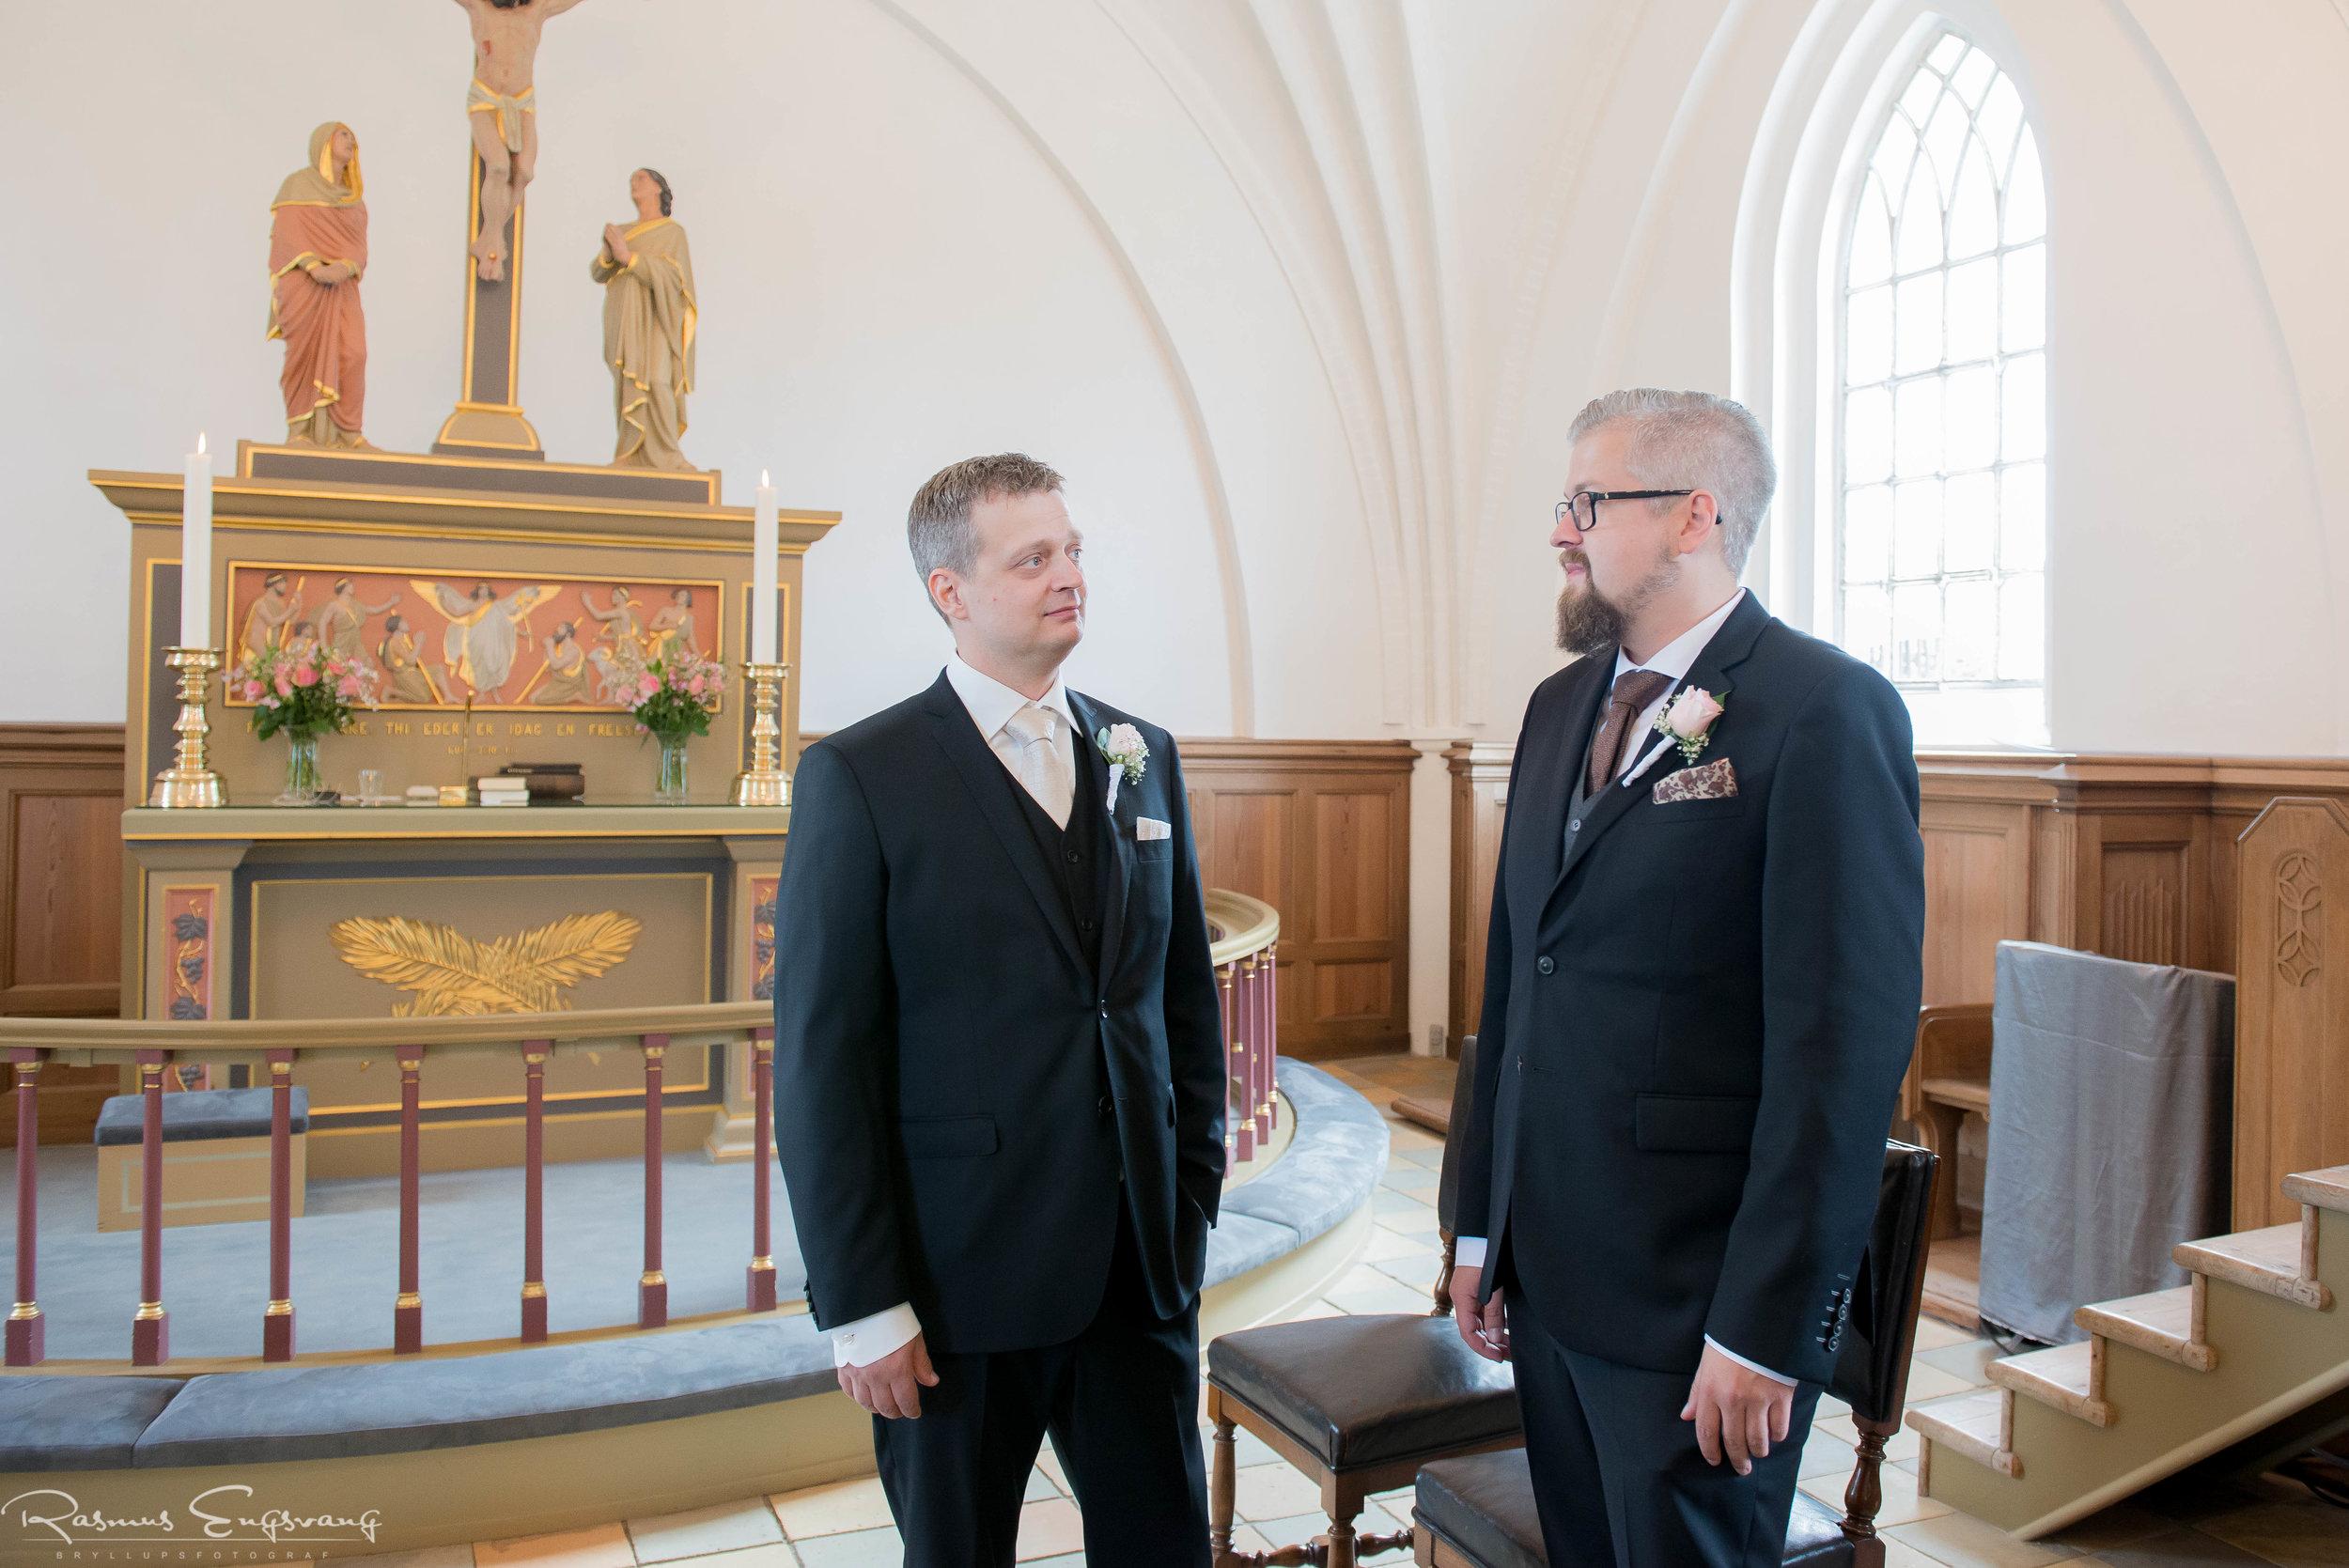 Bryllupsfotograf_Sjælland_Skælskør_Marvede_Fjordbakken-103.jpg